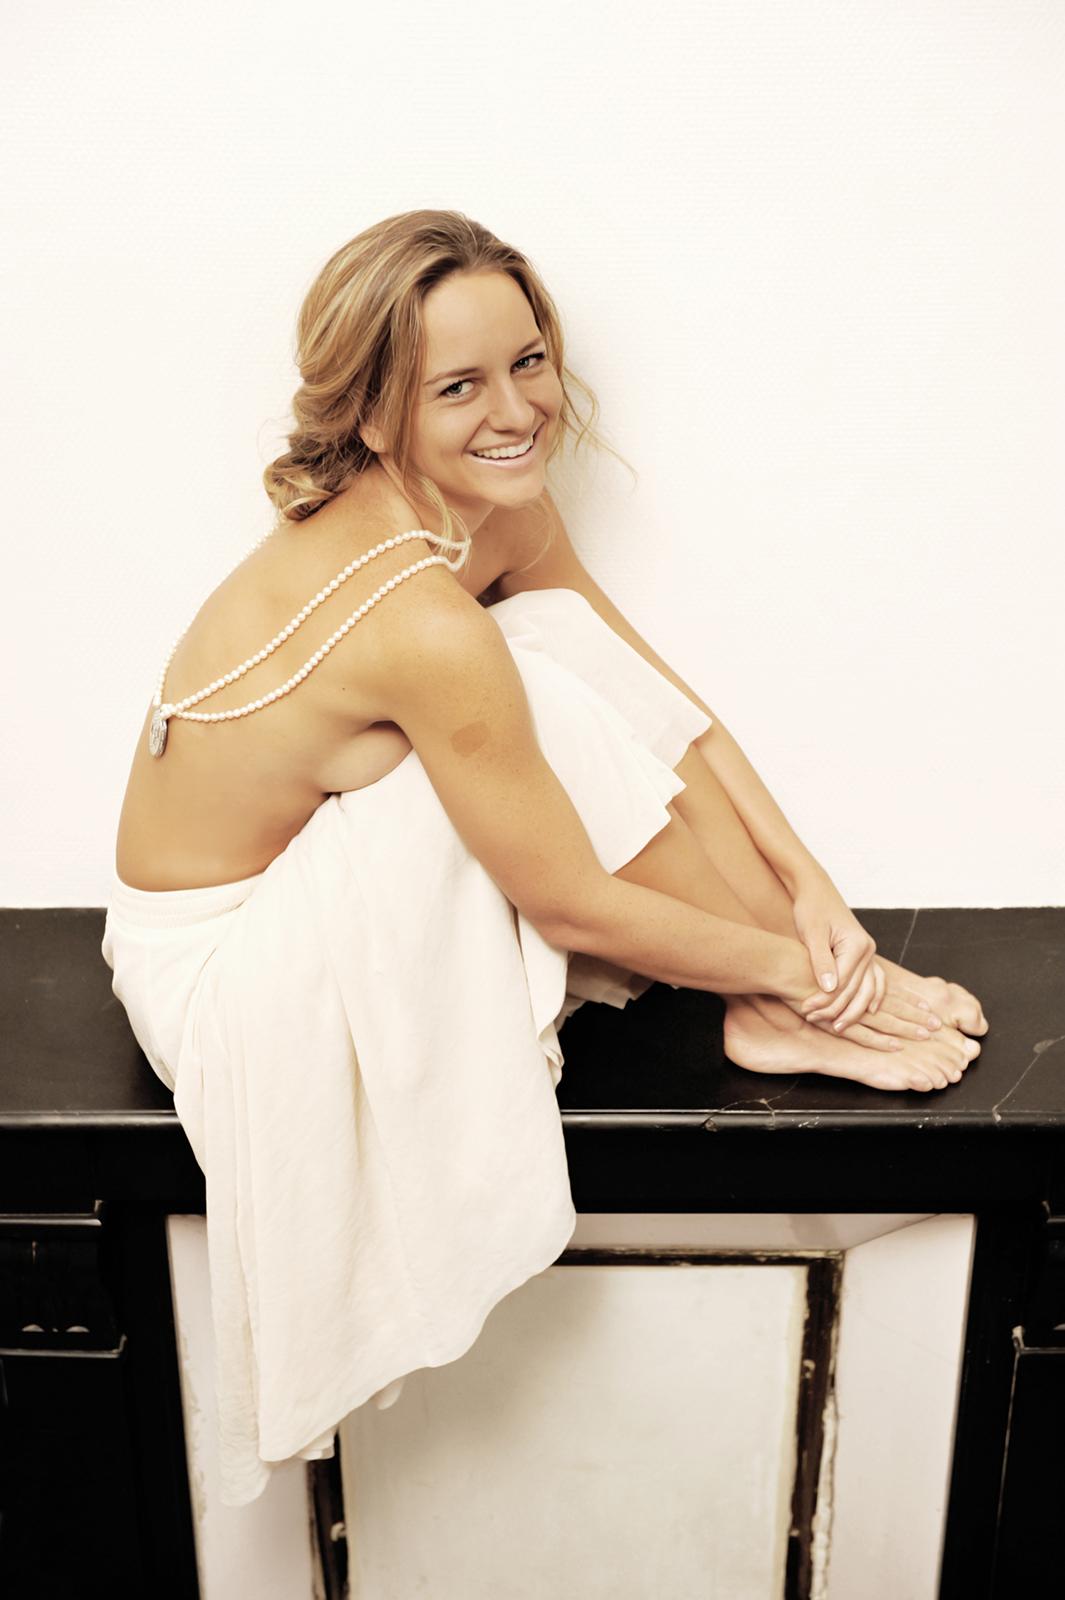 Marguerite Wheatley Nude Photos 49